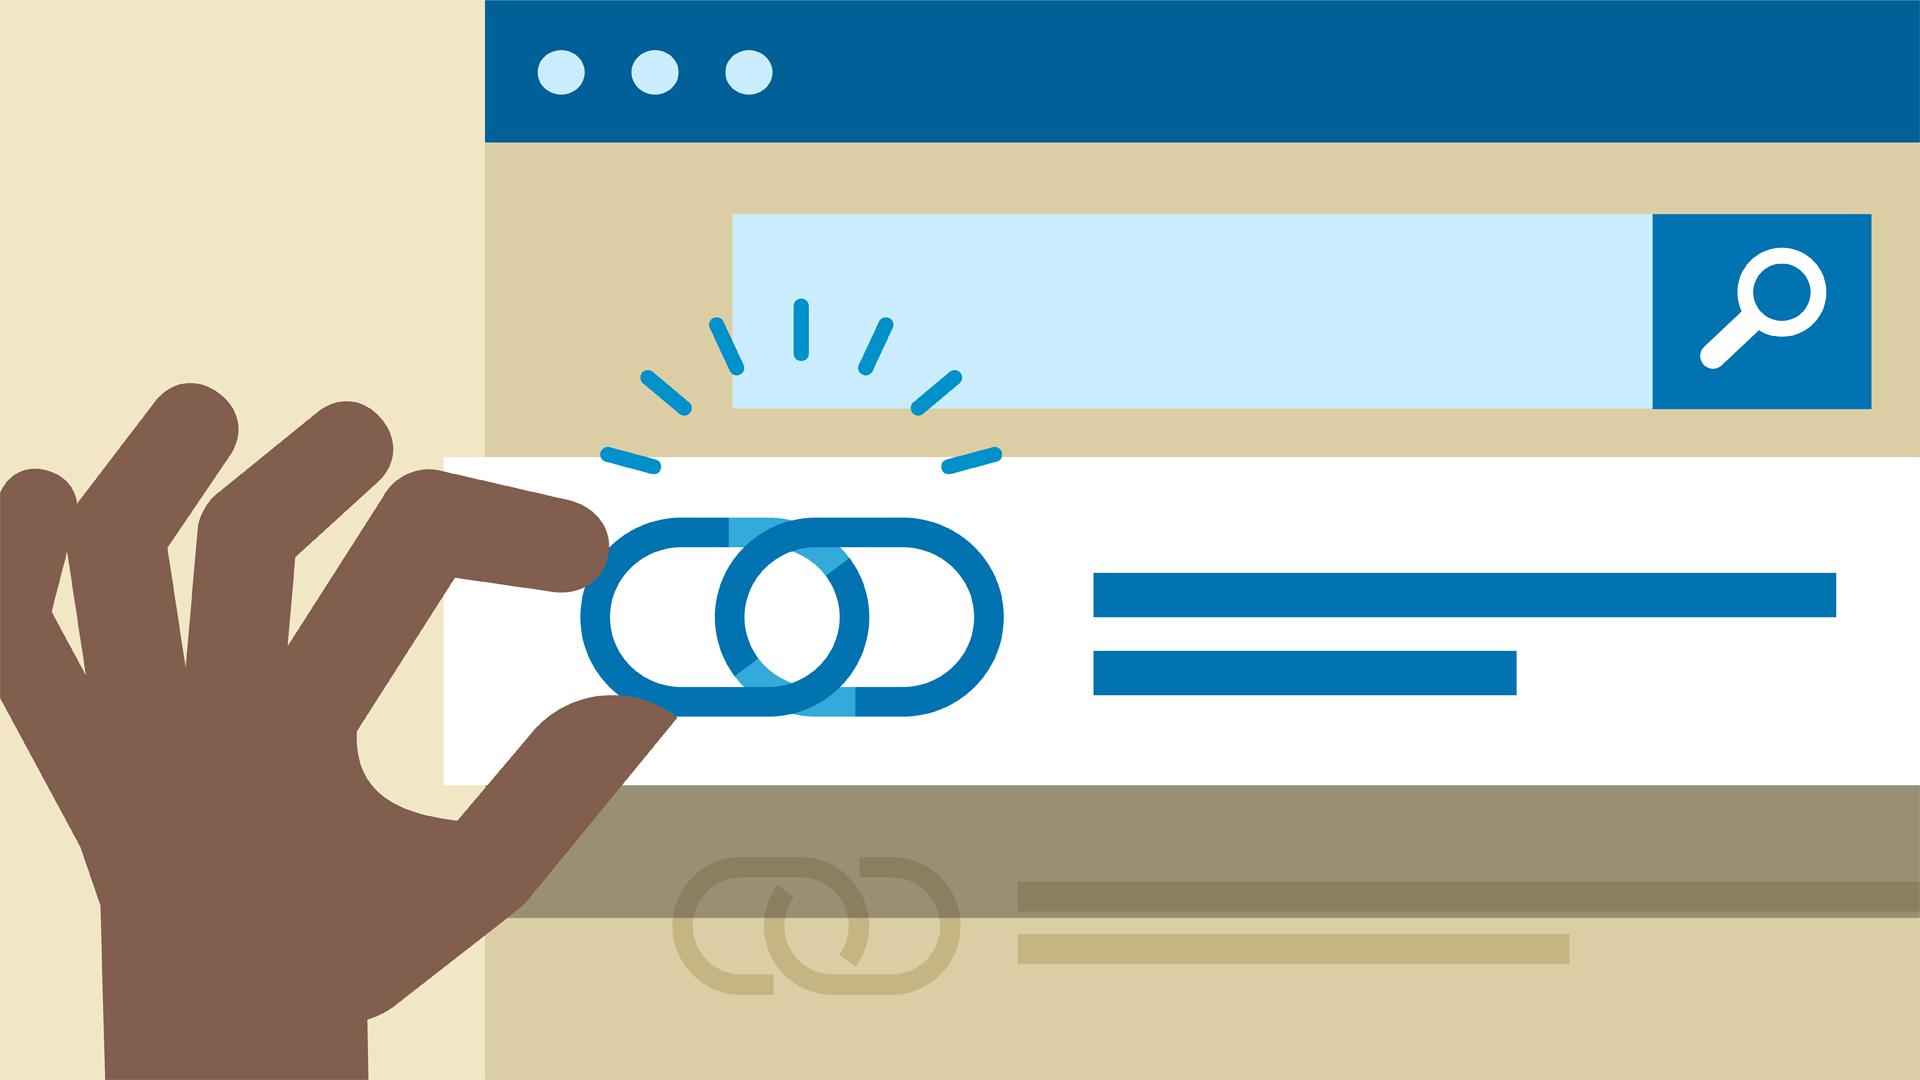 تفاوت سایتهای فروش بک لینک و سایتهای پست مهمان